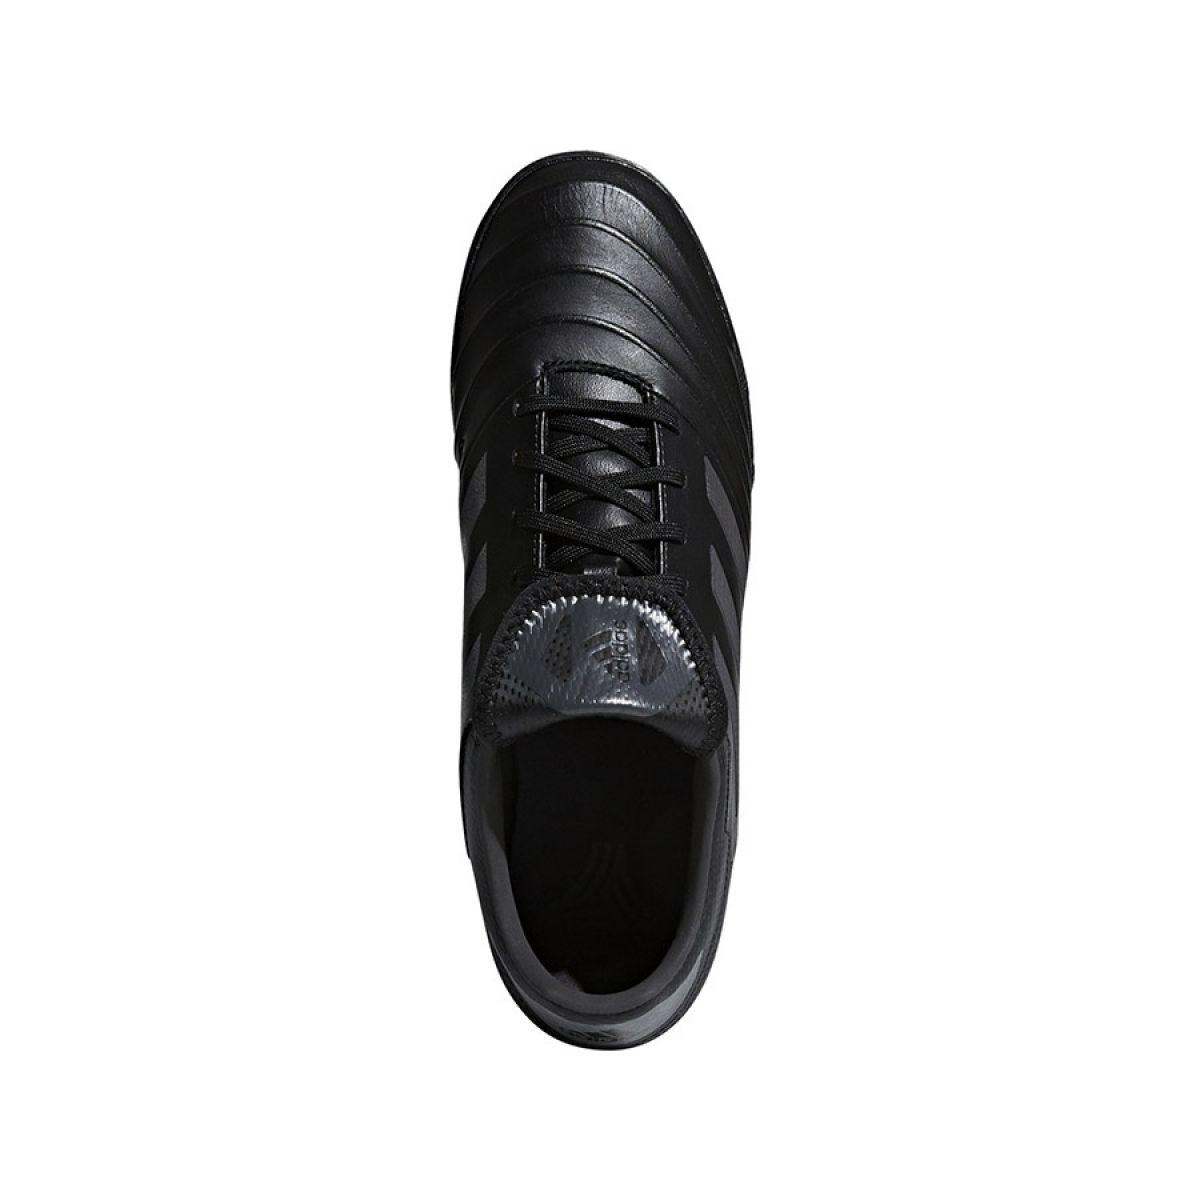 Buty piłkarskie adidas Copa Tango 18 CP9023 44 7366677107